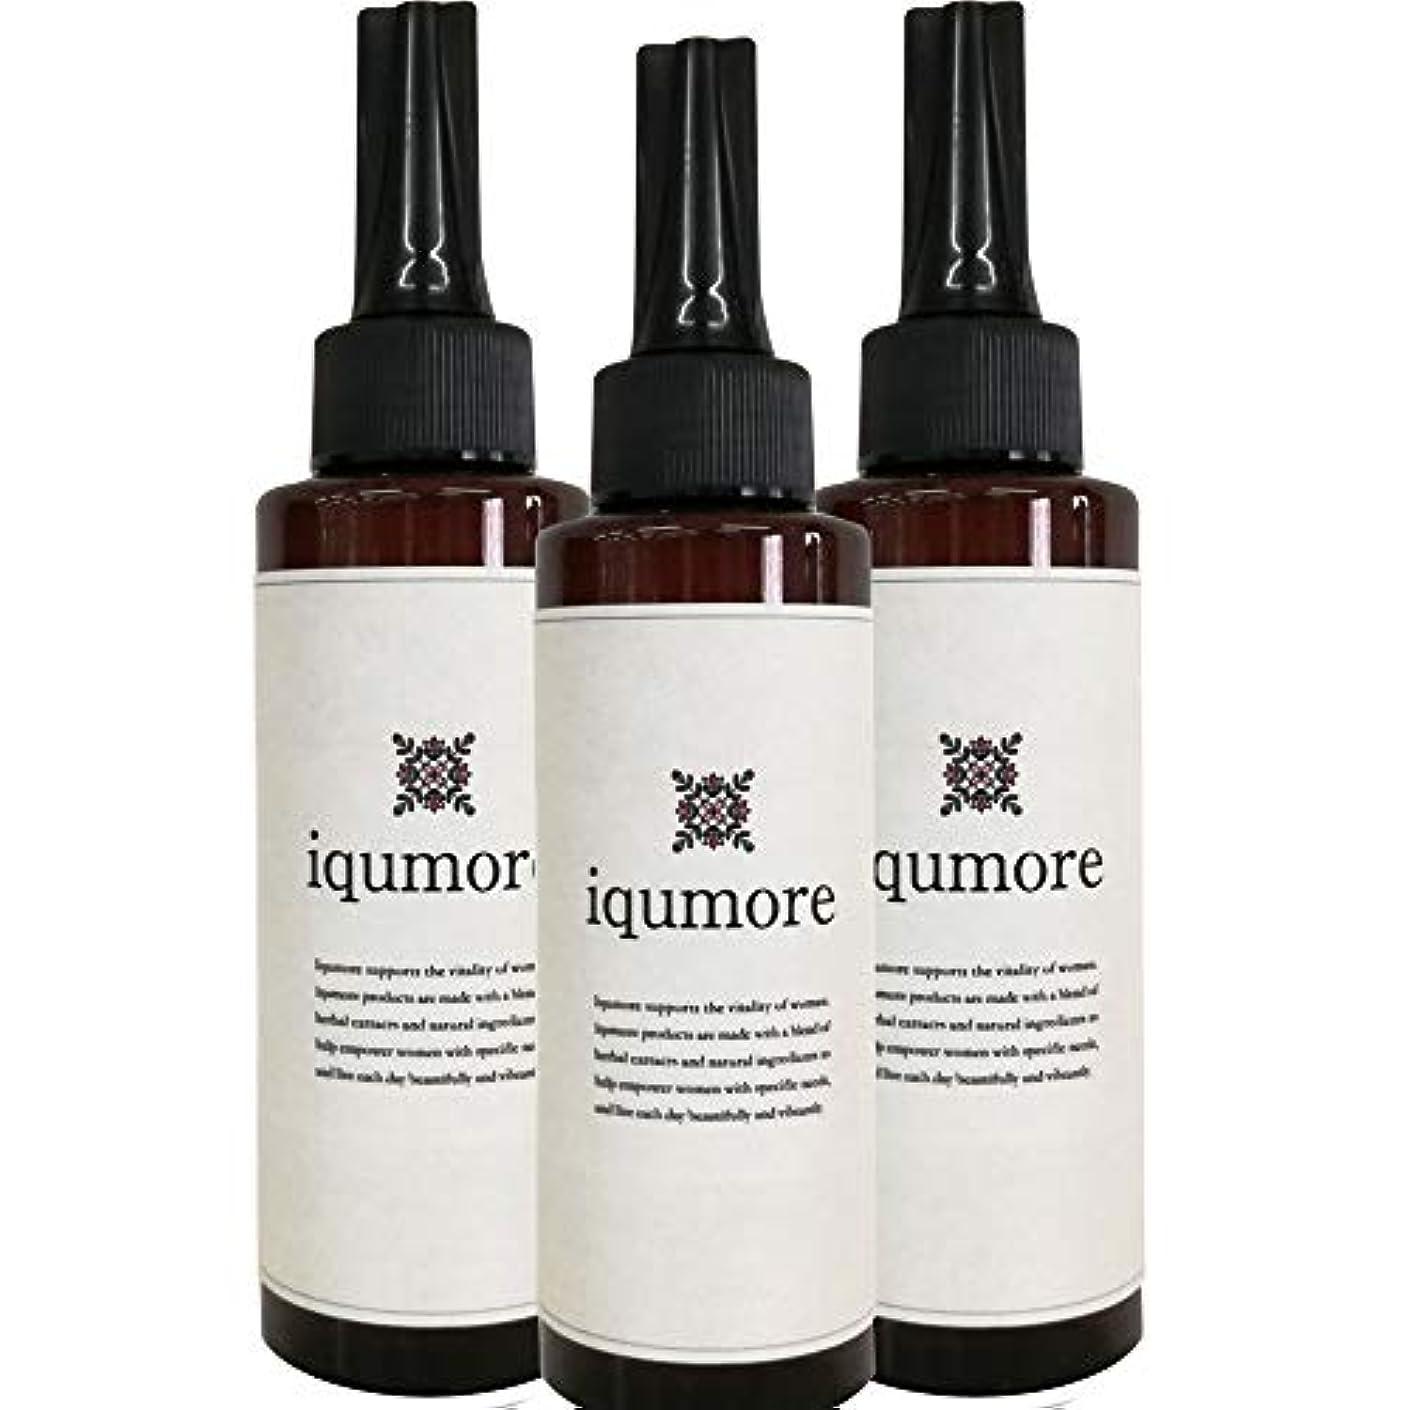 優先控えめな未満イクモア(iqumore)ハーバルヘアケアジェル 約90日分(120ml×3本) 女性向け 育毛 薄毛対策